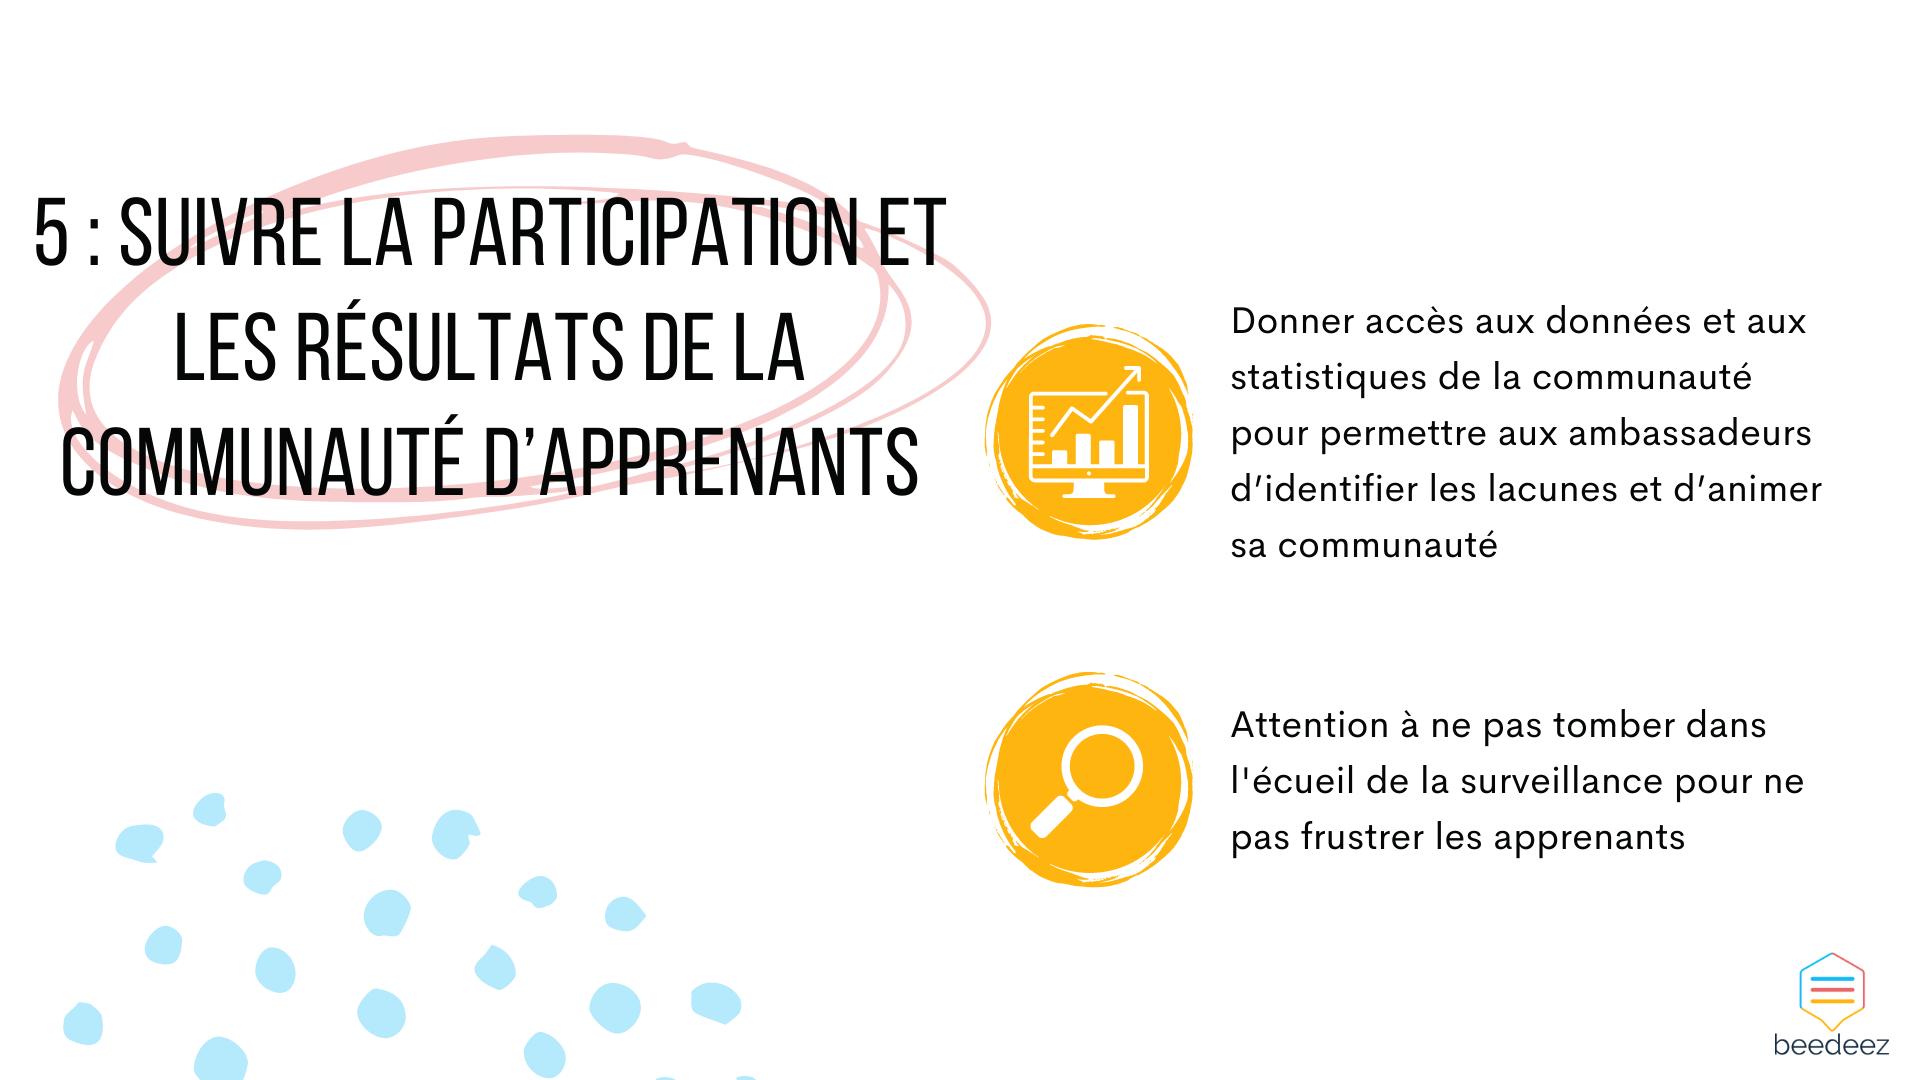 Suivre la participation et les résultats de la communauté d'apprenants